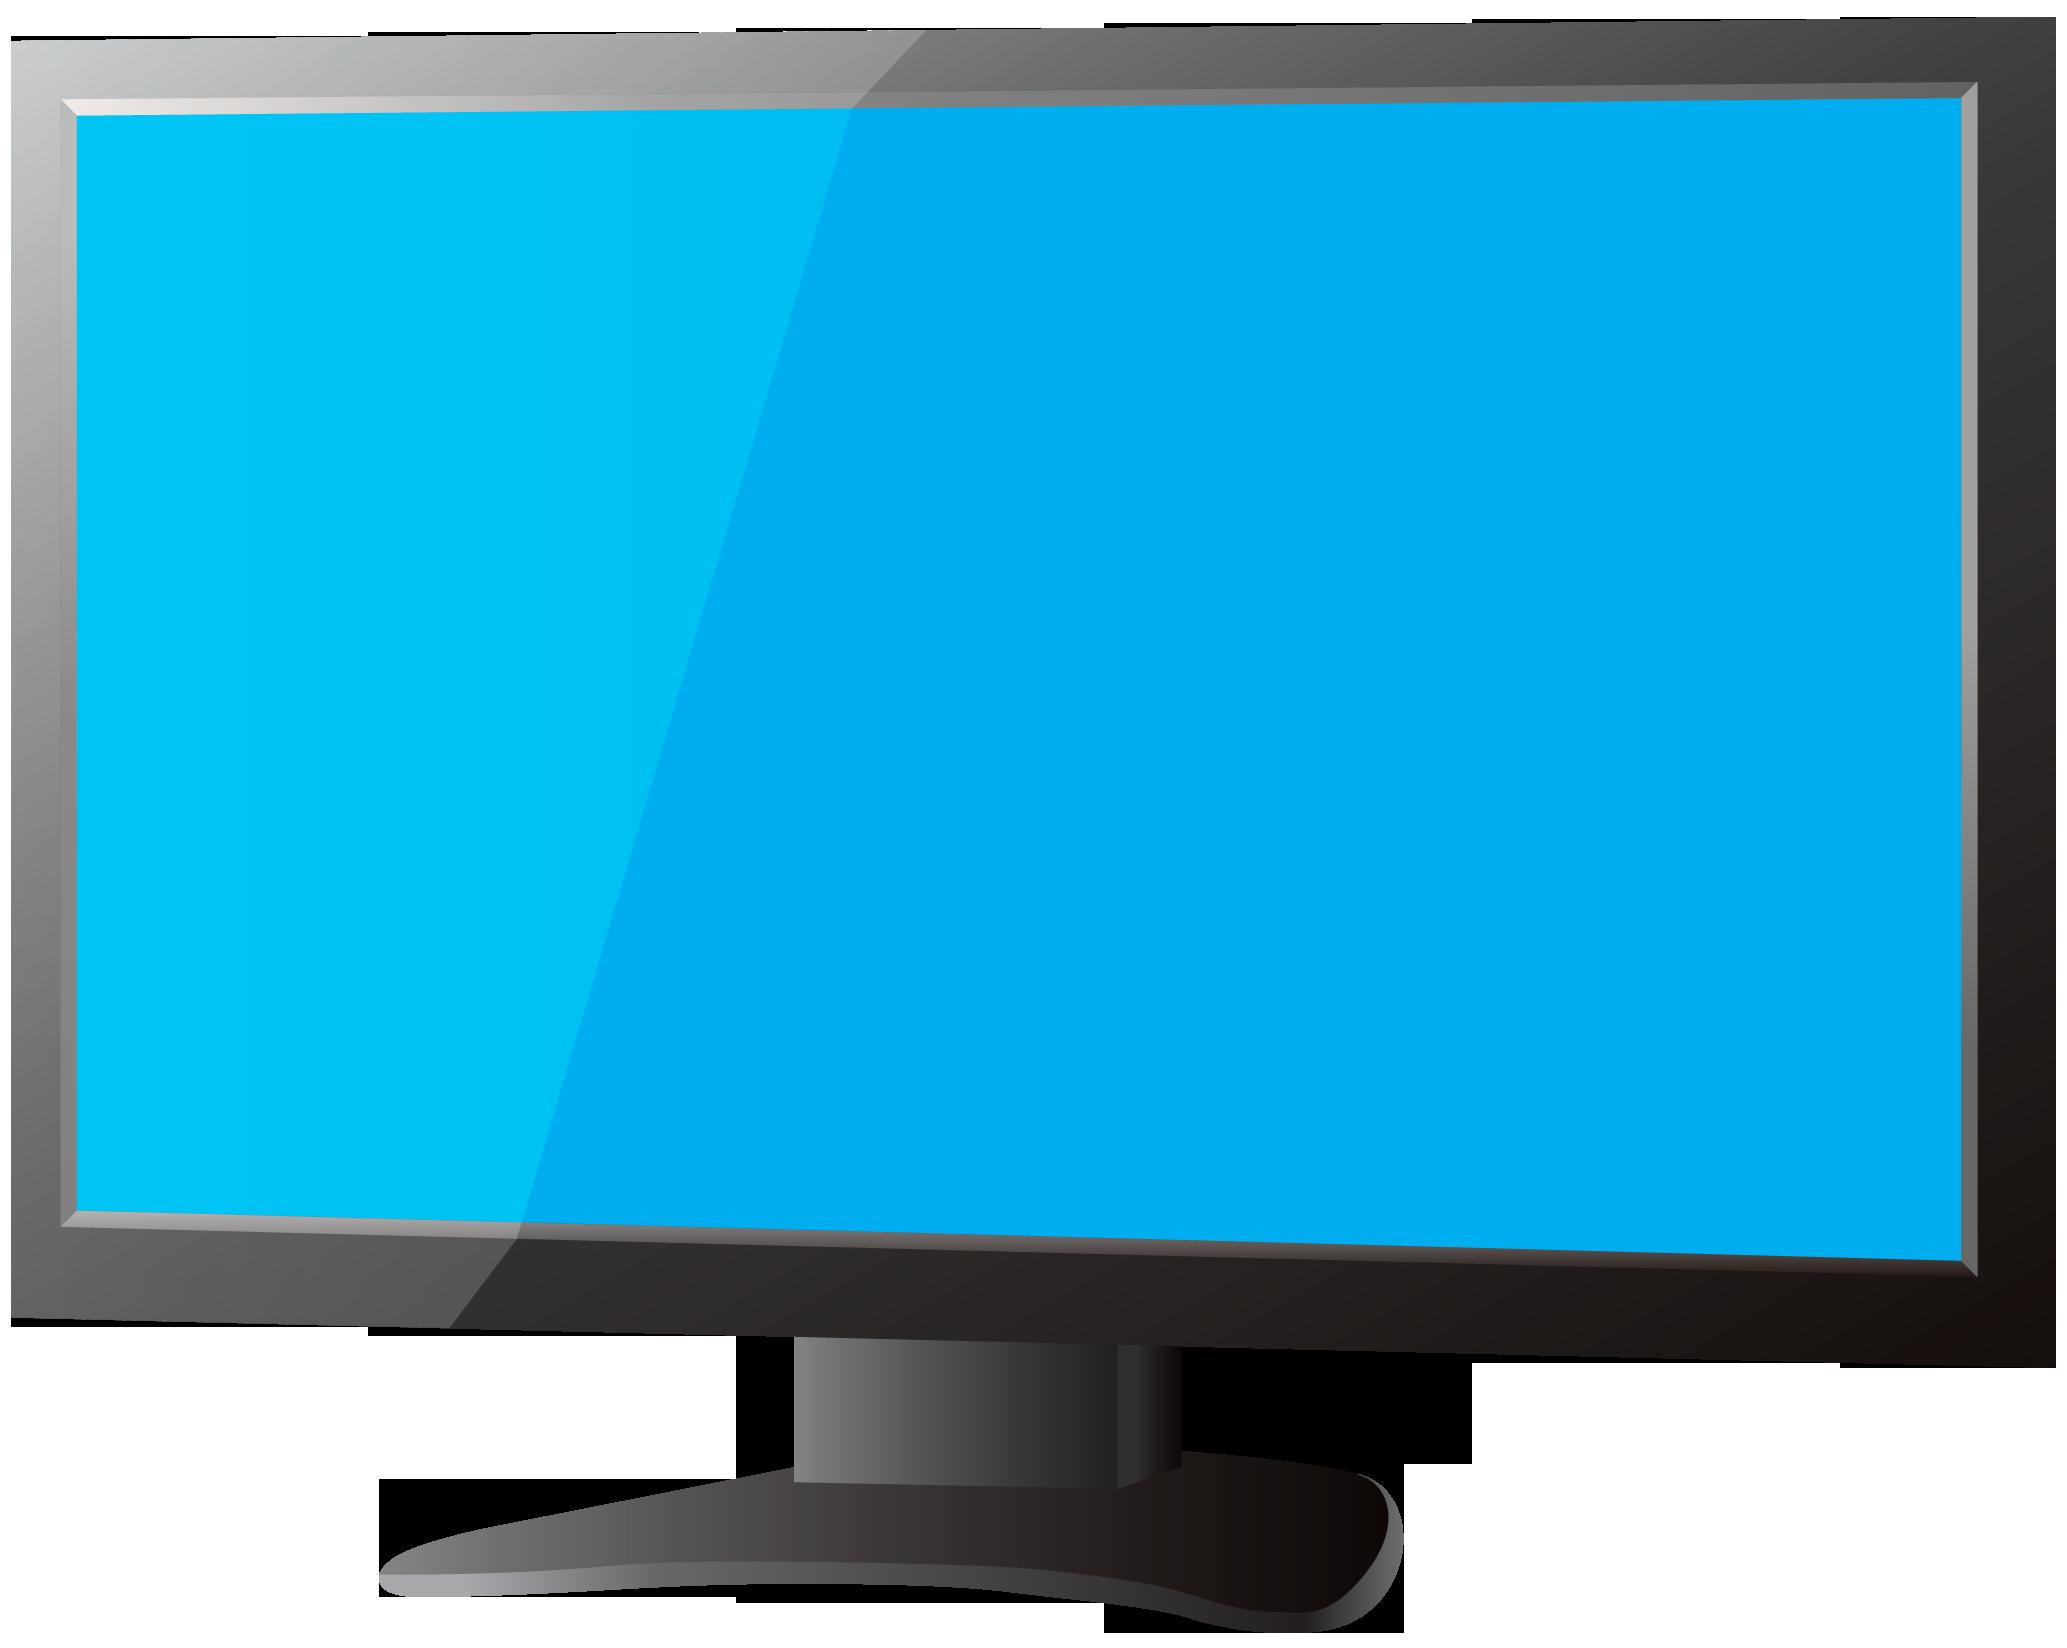 pc、パソコンのイラスト・フリー素材|ダウンロード09【素材っち】